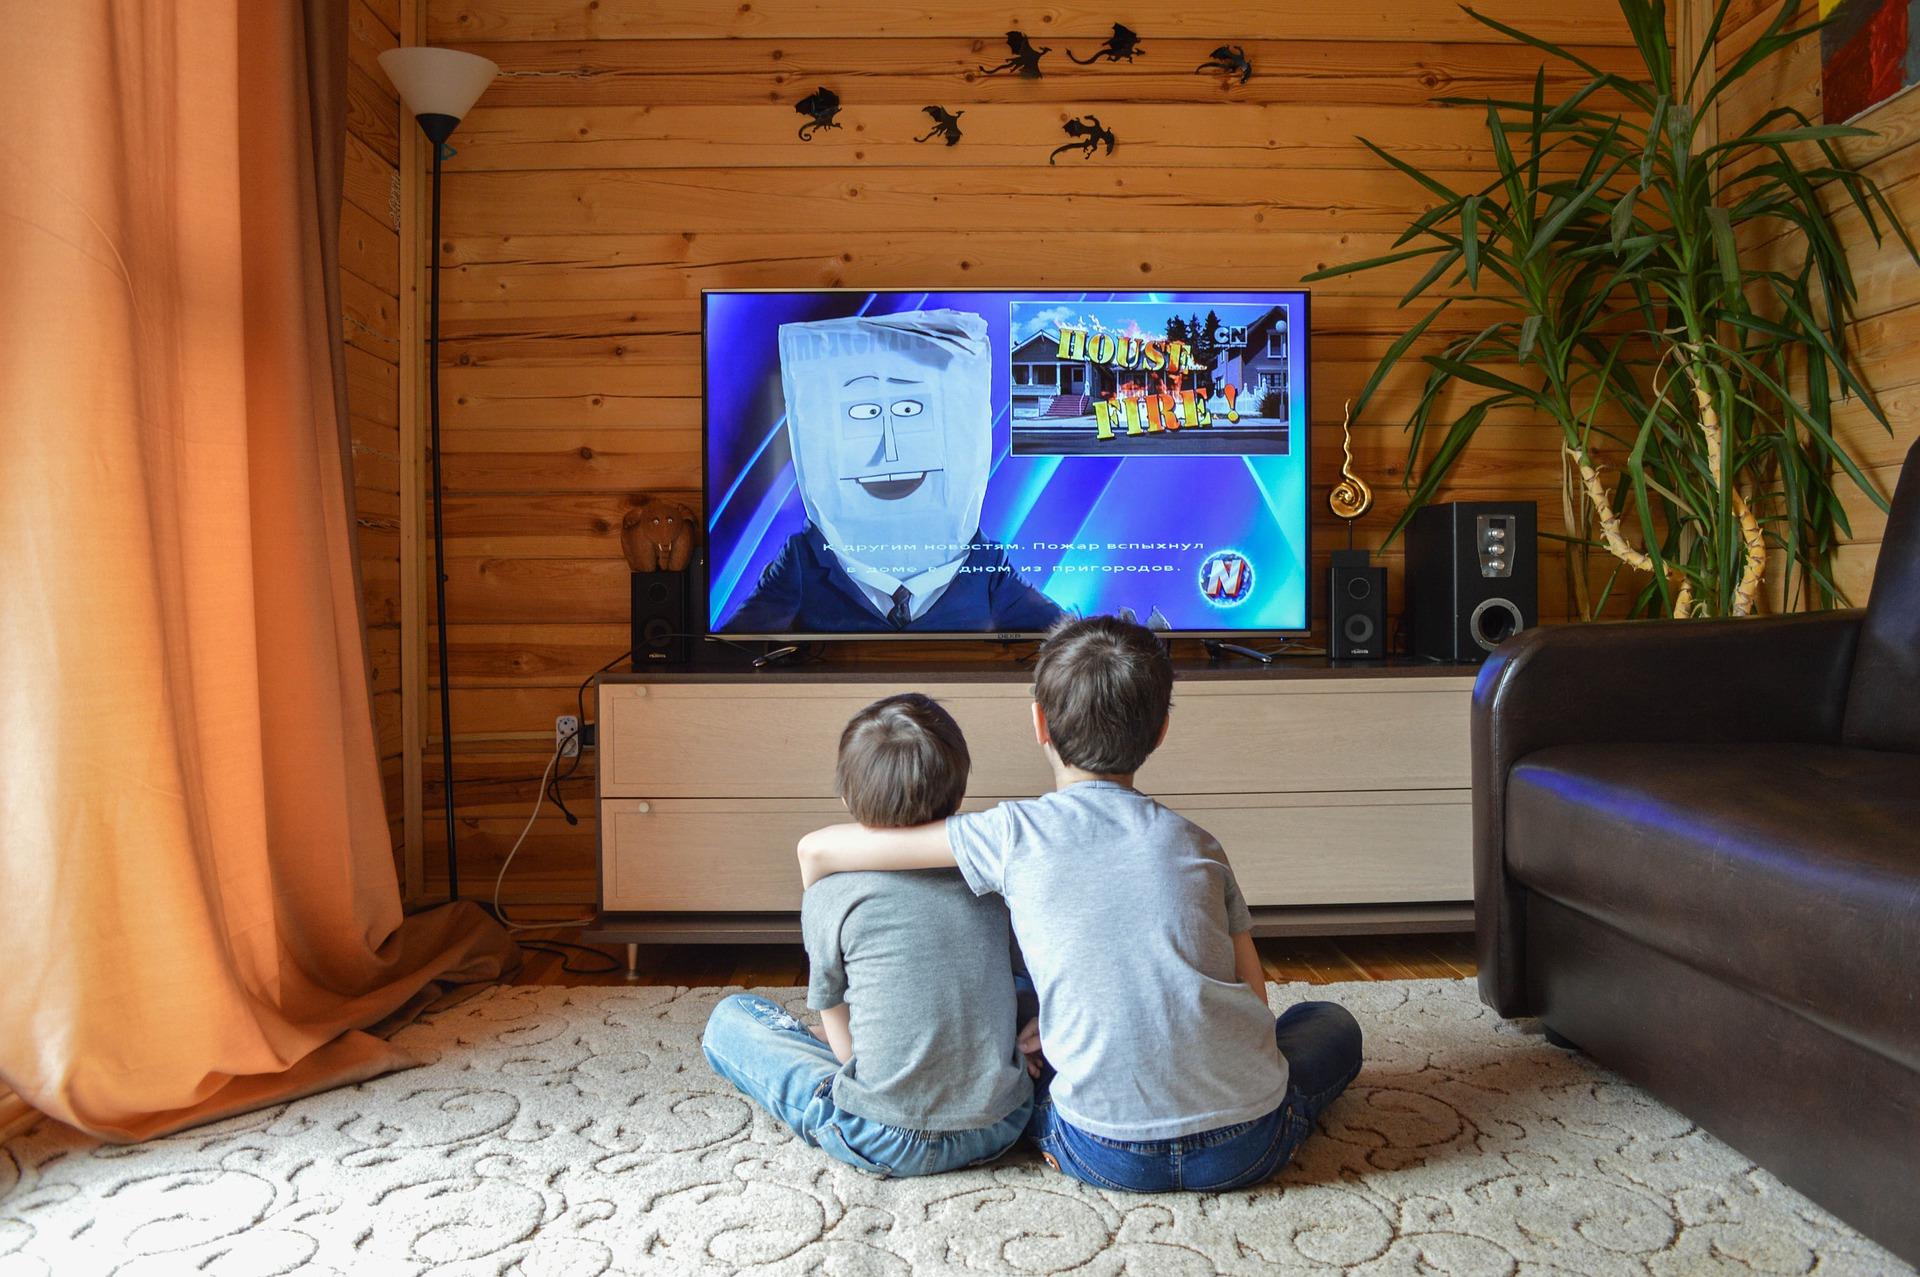 映画鑑賞している子供二人の後ろ姿の画像